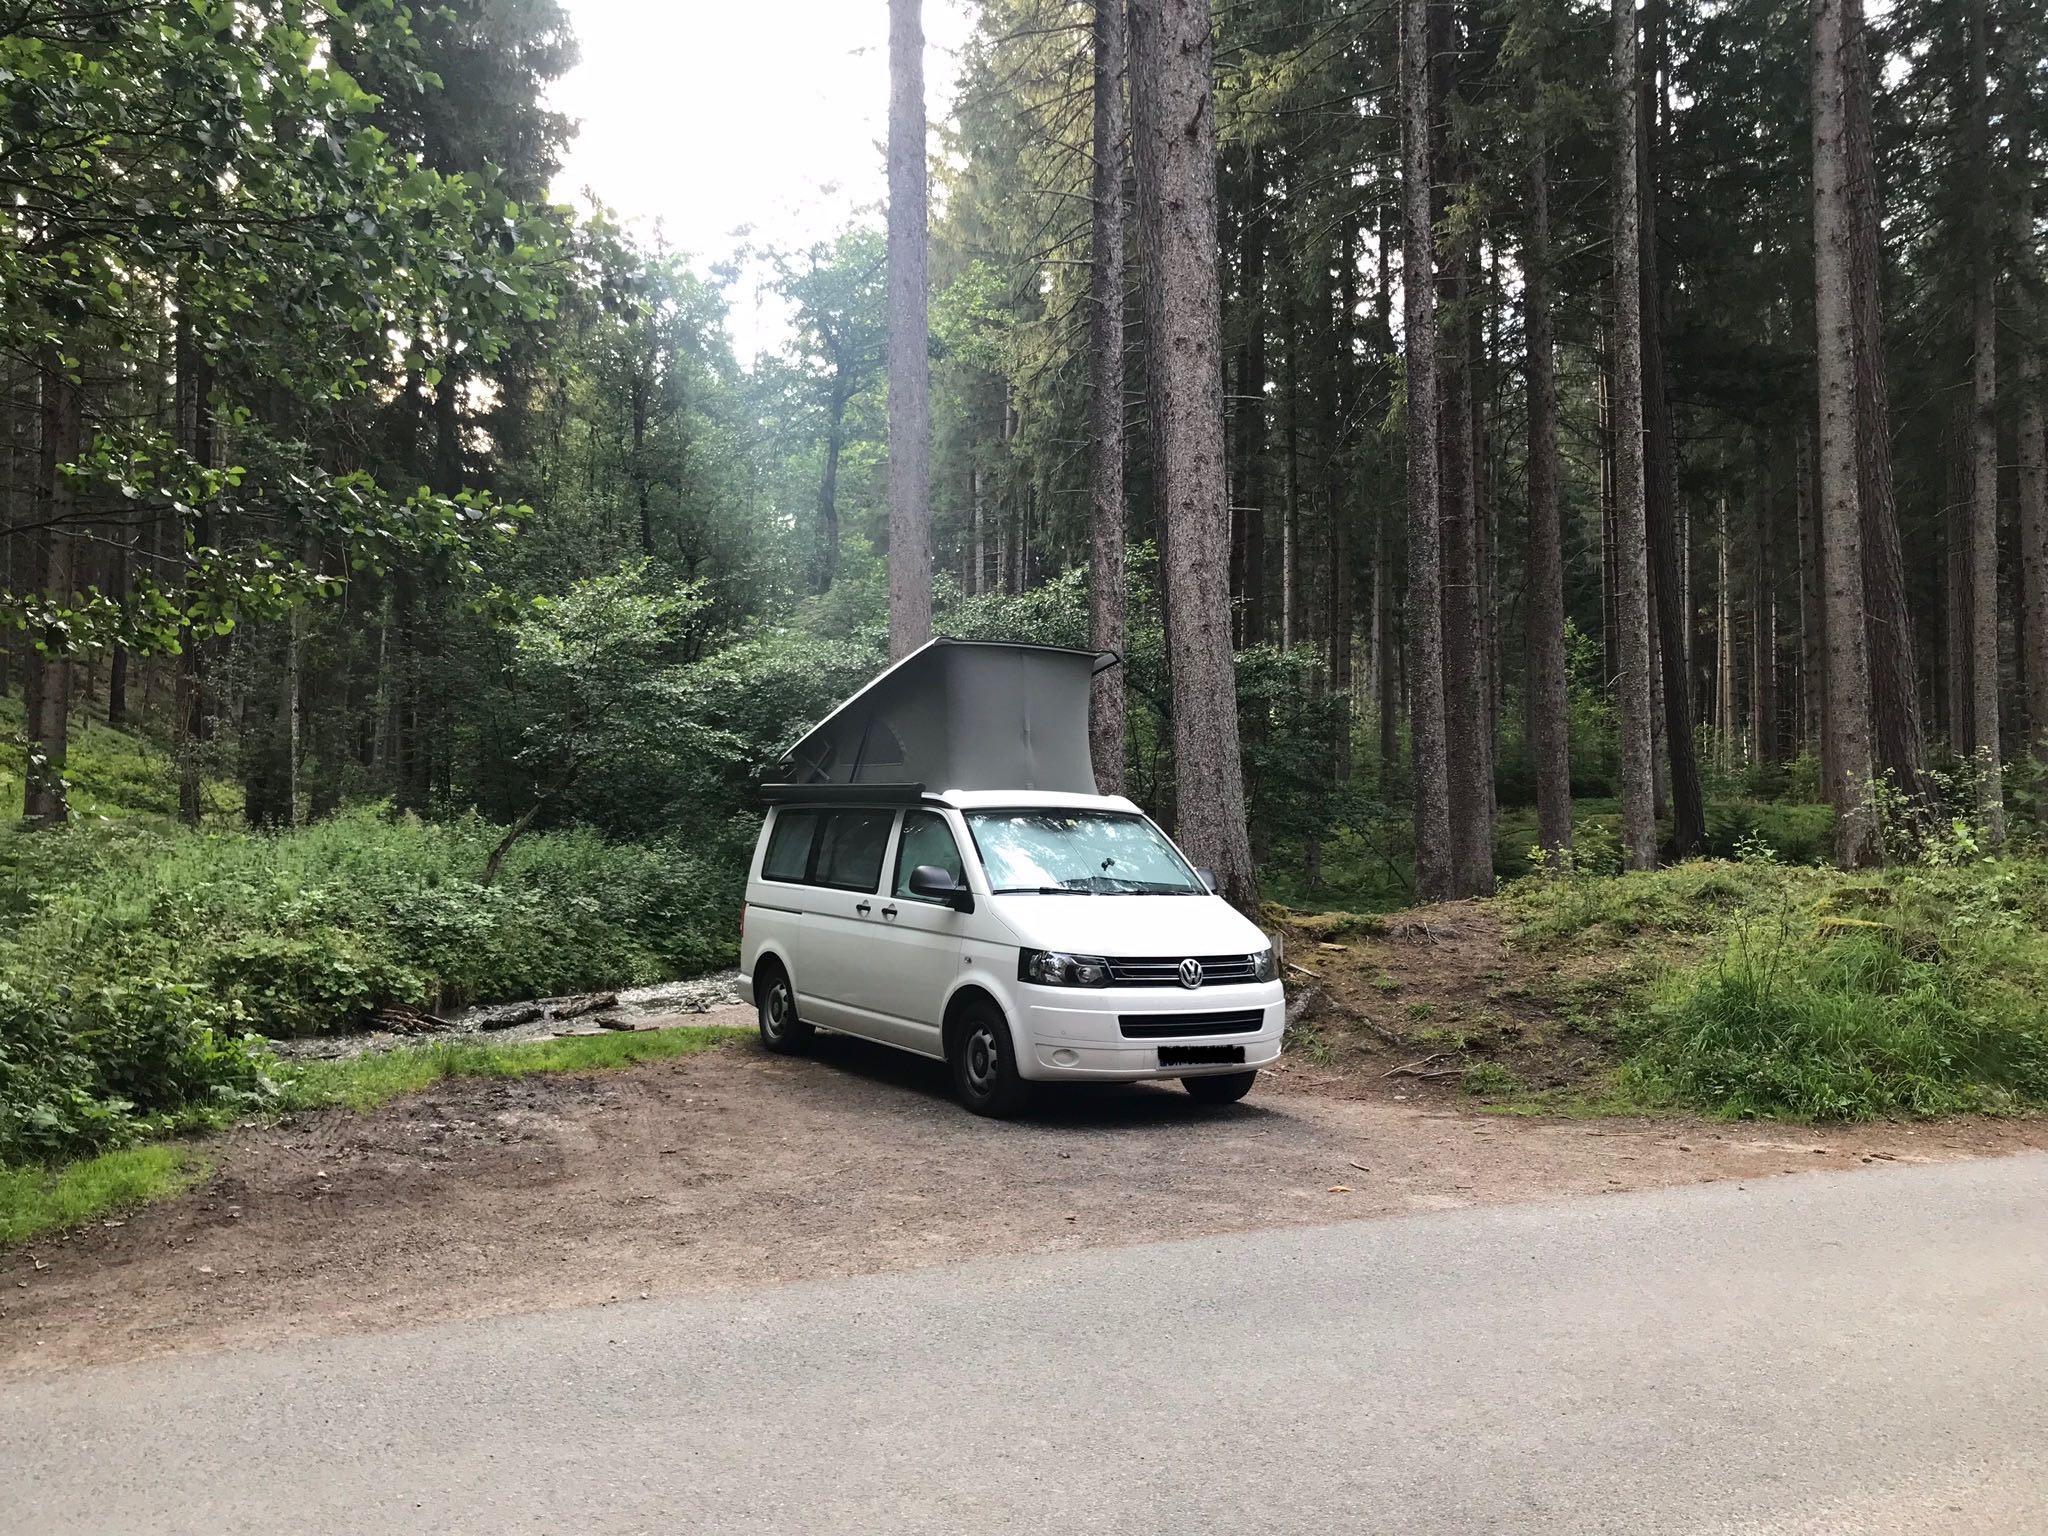 Camping-Van Wenn alle ihr großes Geschäft im Wald erledigen, wie sieht es dann in zwei Monaten hier aus? © Christina Schwann I bergundsteigen.blog